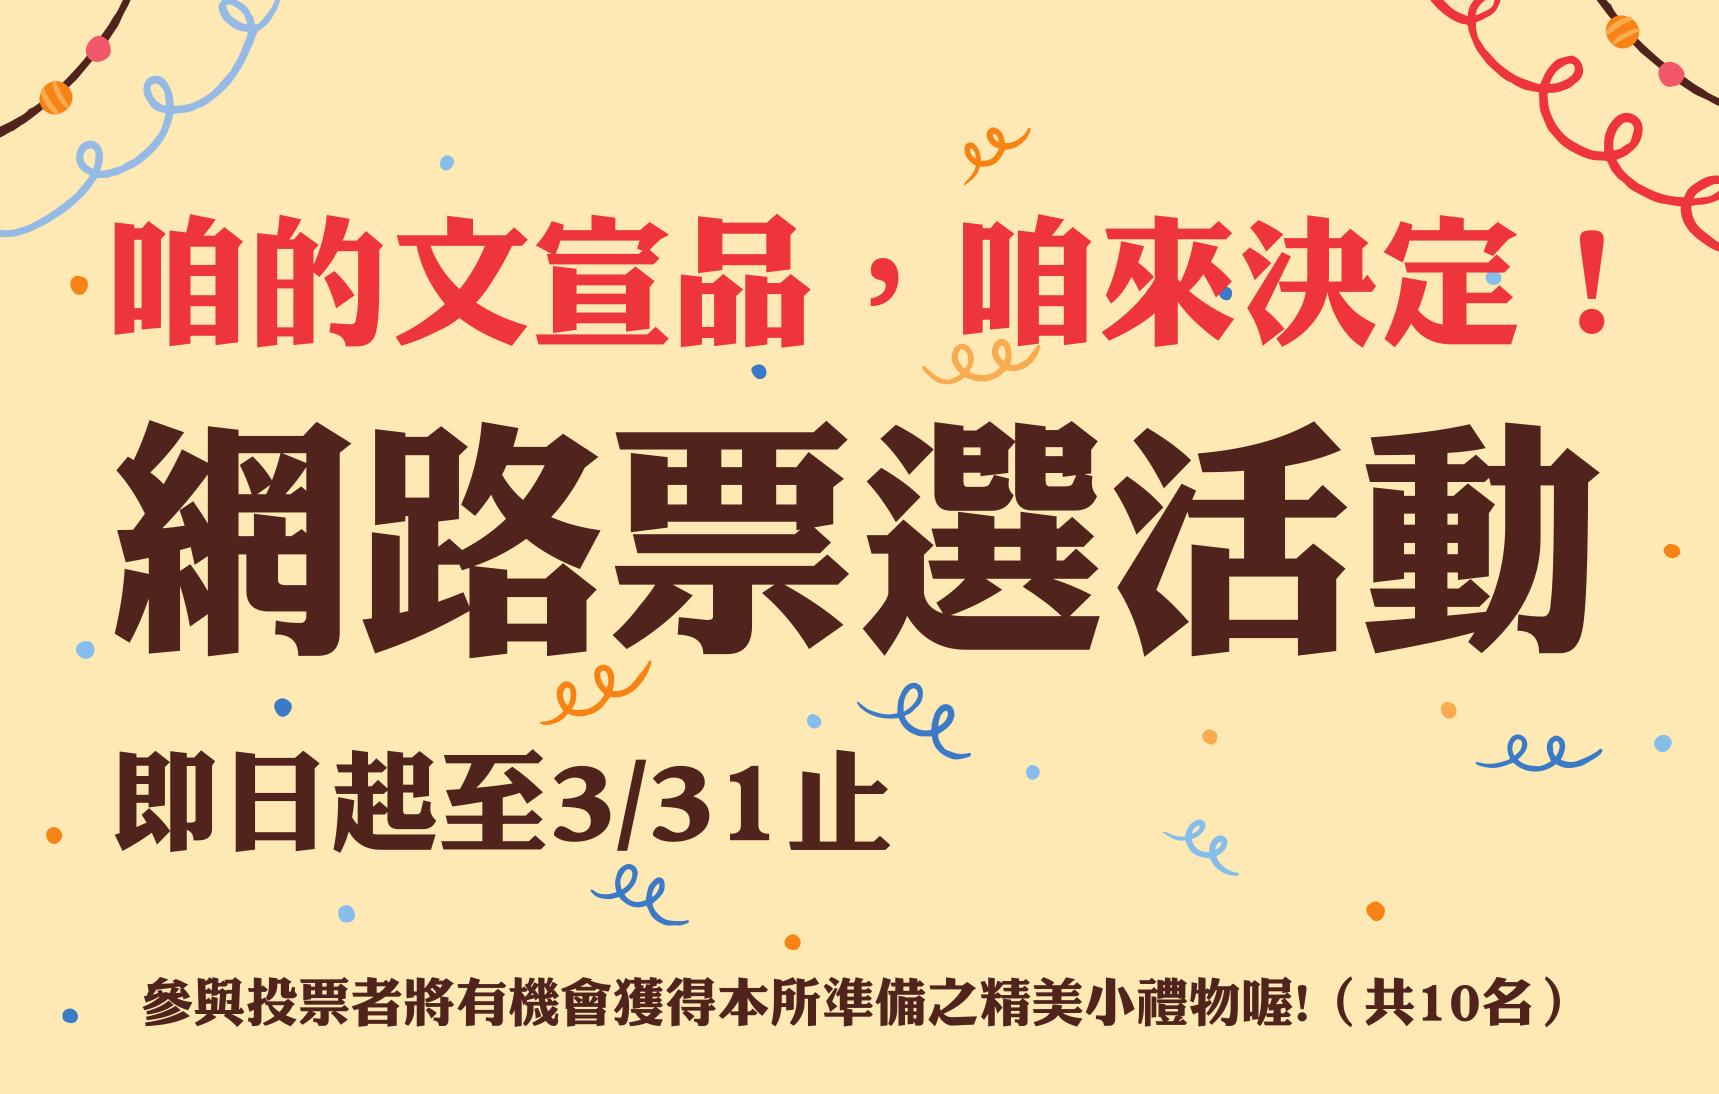 網路票選活動_圖示